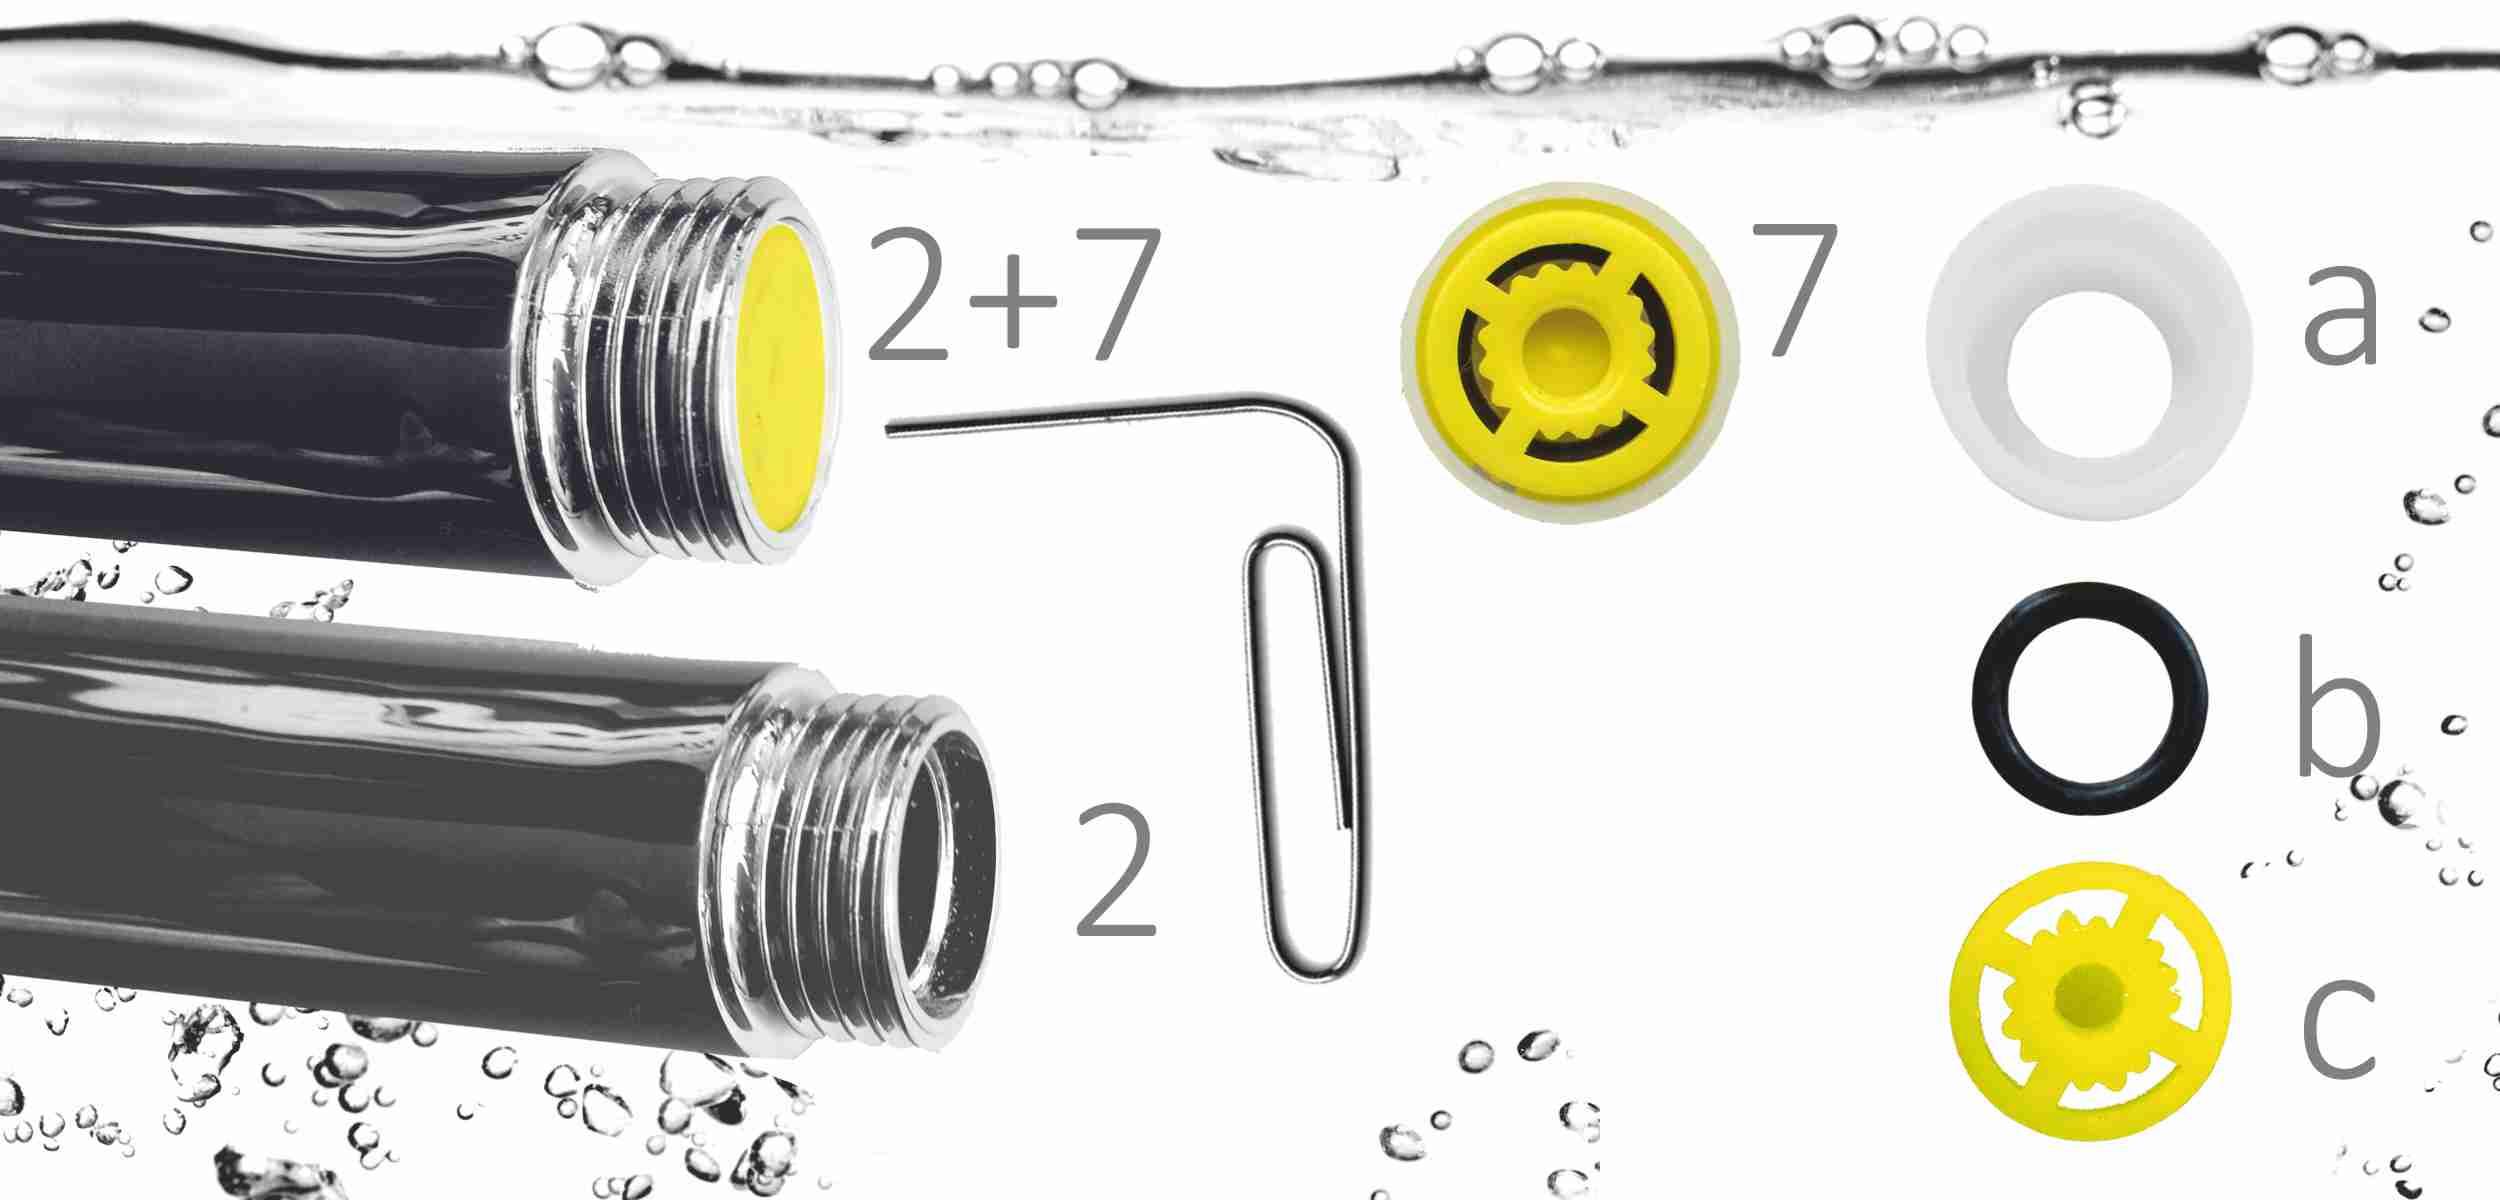 Anleitung Wassermengenregler entfernen